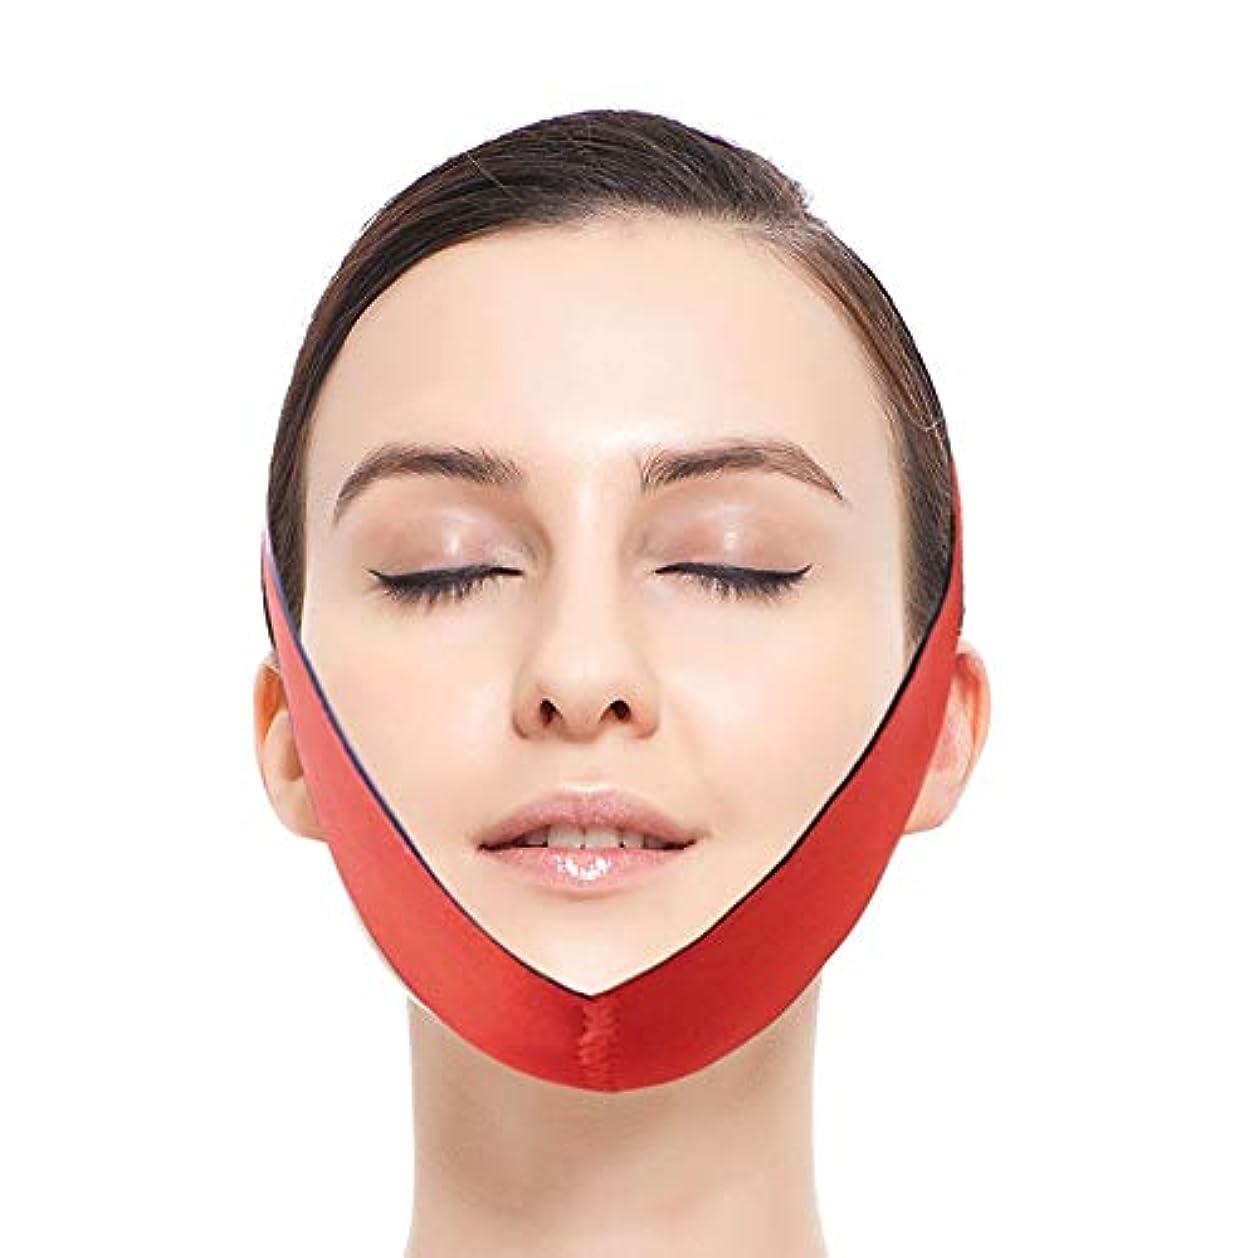 モード正しく利益フェイスリフティングアーティファクトVフェイス包帯マスクダブルあご引き締め顔薄い咬傷筋肉下顎矯正顔